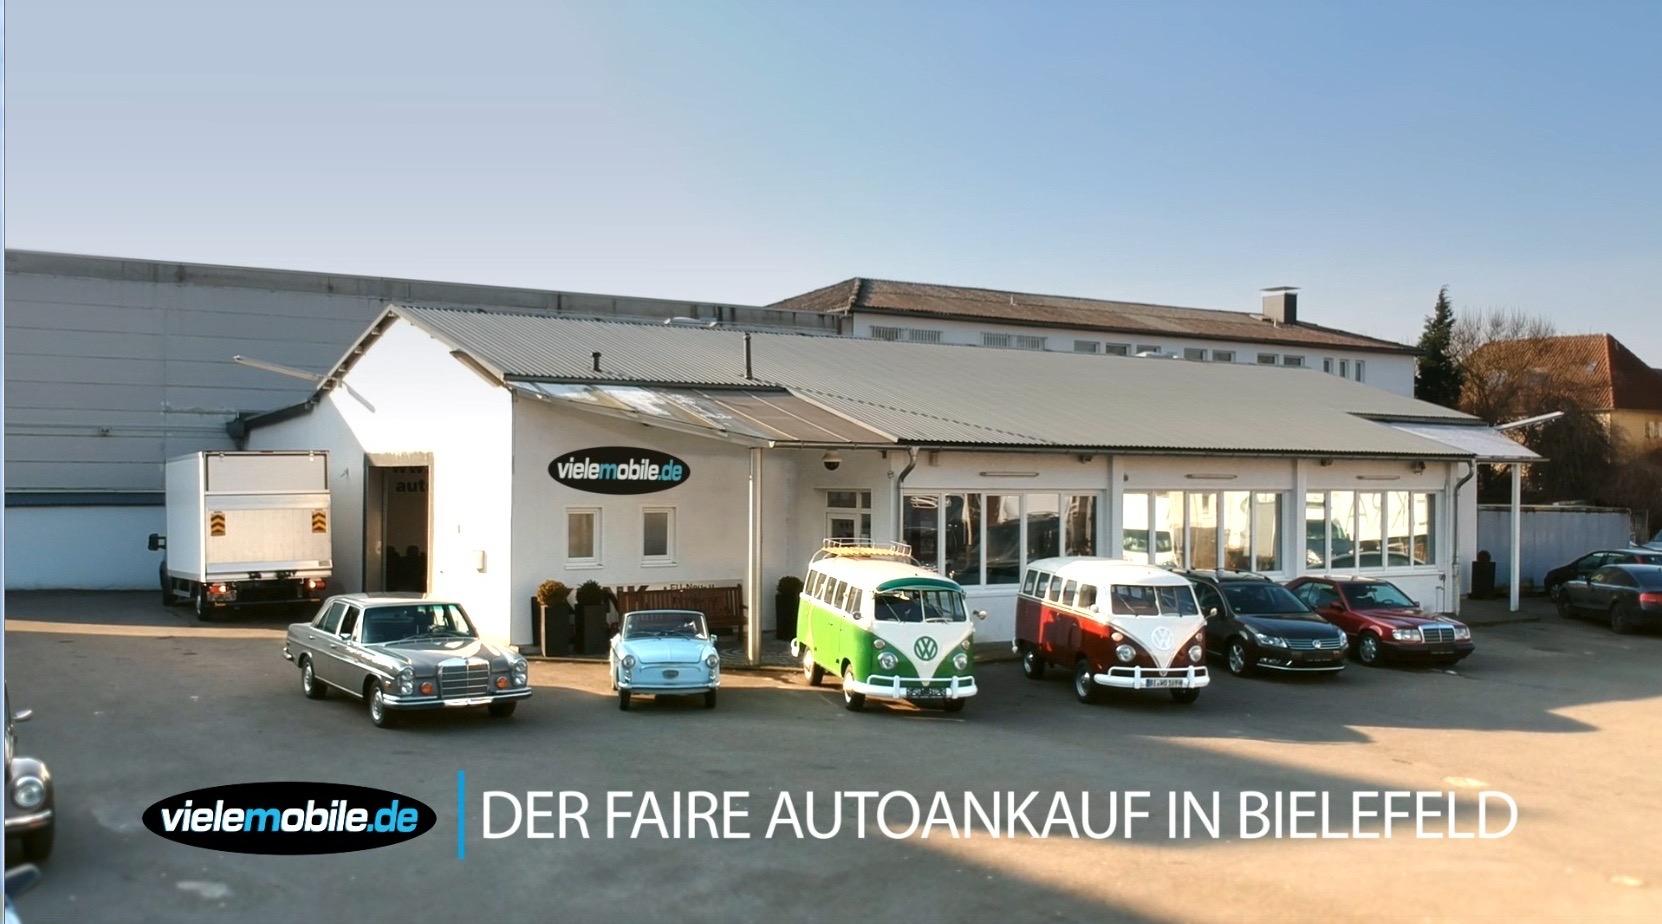 Auto verkaufen in Bielefeld? Wir zahlen beste Preise für Ihr Fahrzeug.